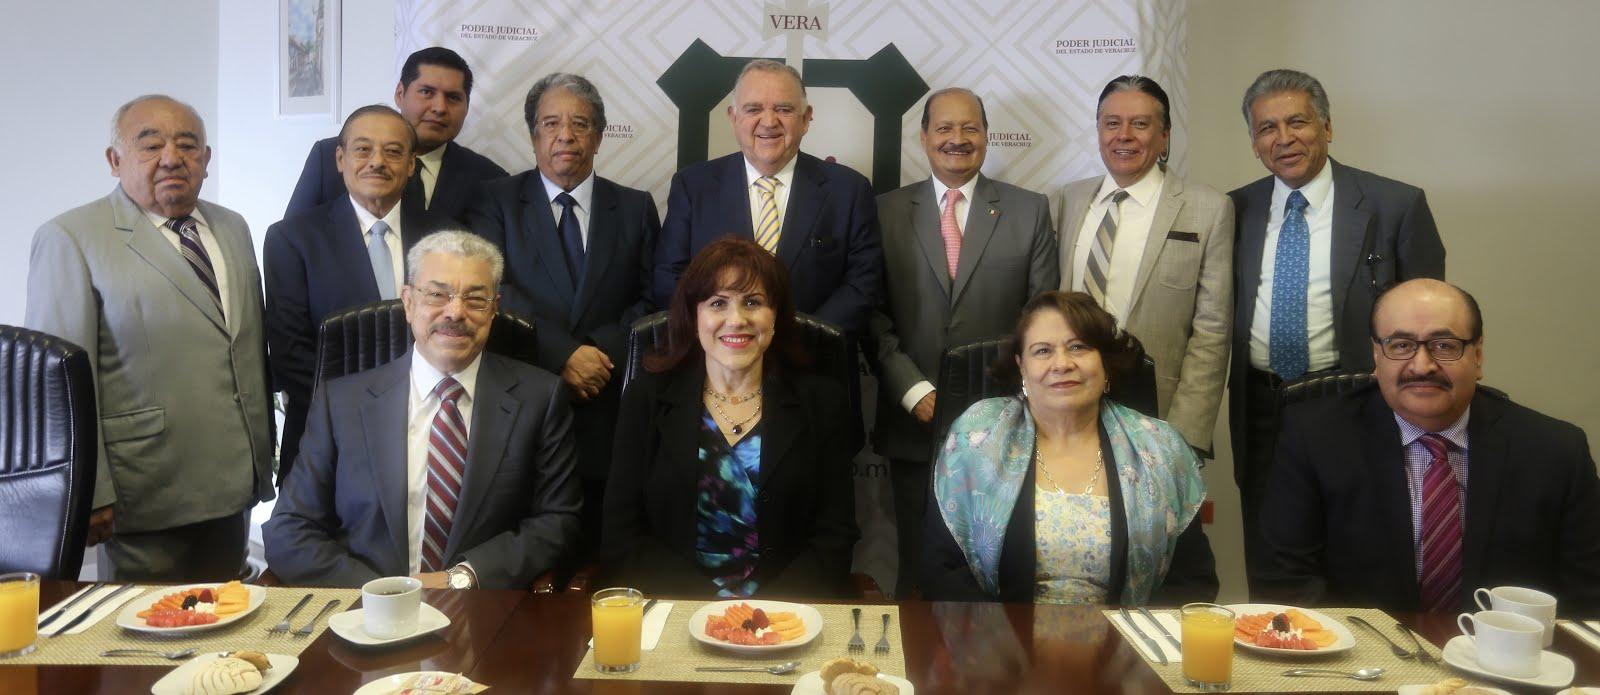 Reconoce Edel Álvarez a sus pares participantes en el programa permanente de capacitación